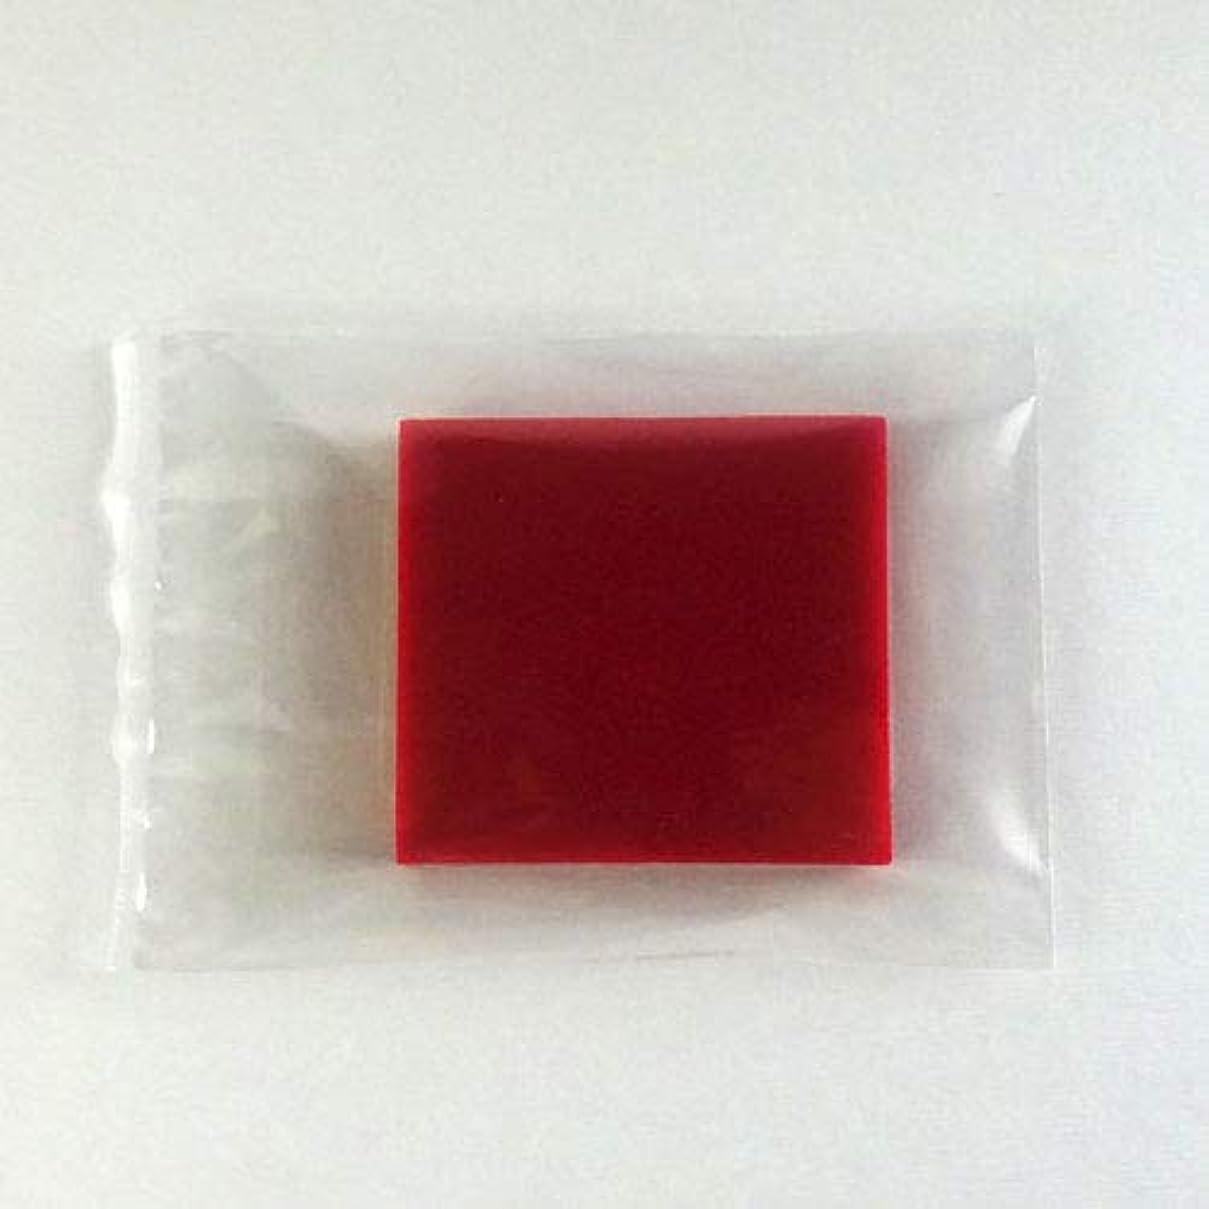 患者ランチ星グリセリンソープ MPソープ 色チップ 赤(レッド) 120g(30g x 4pc)